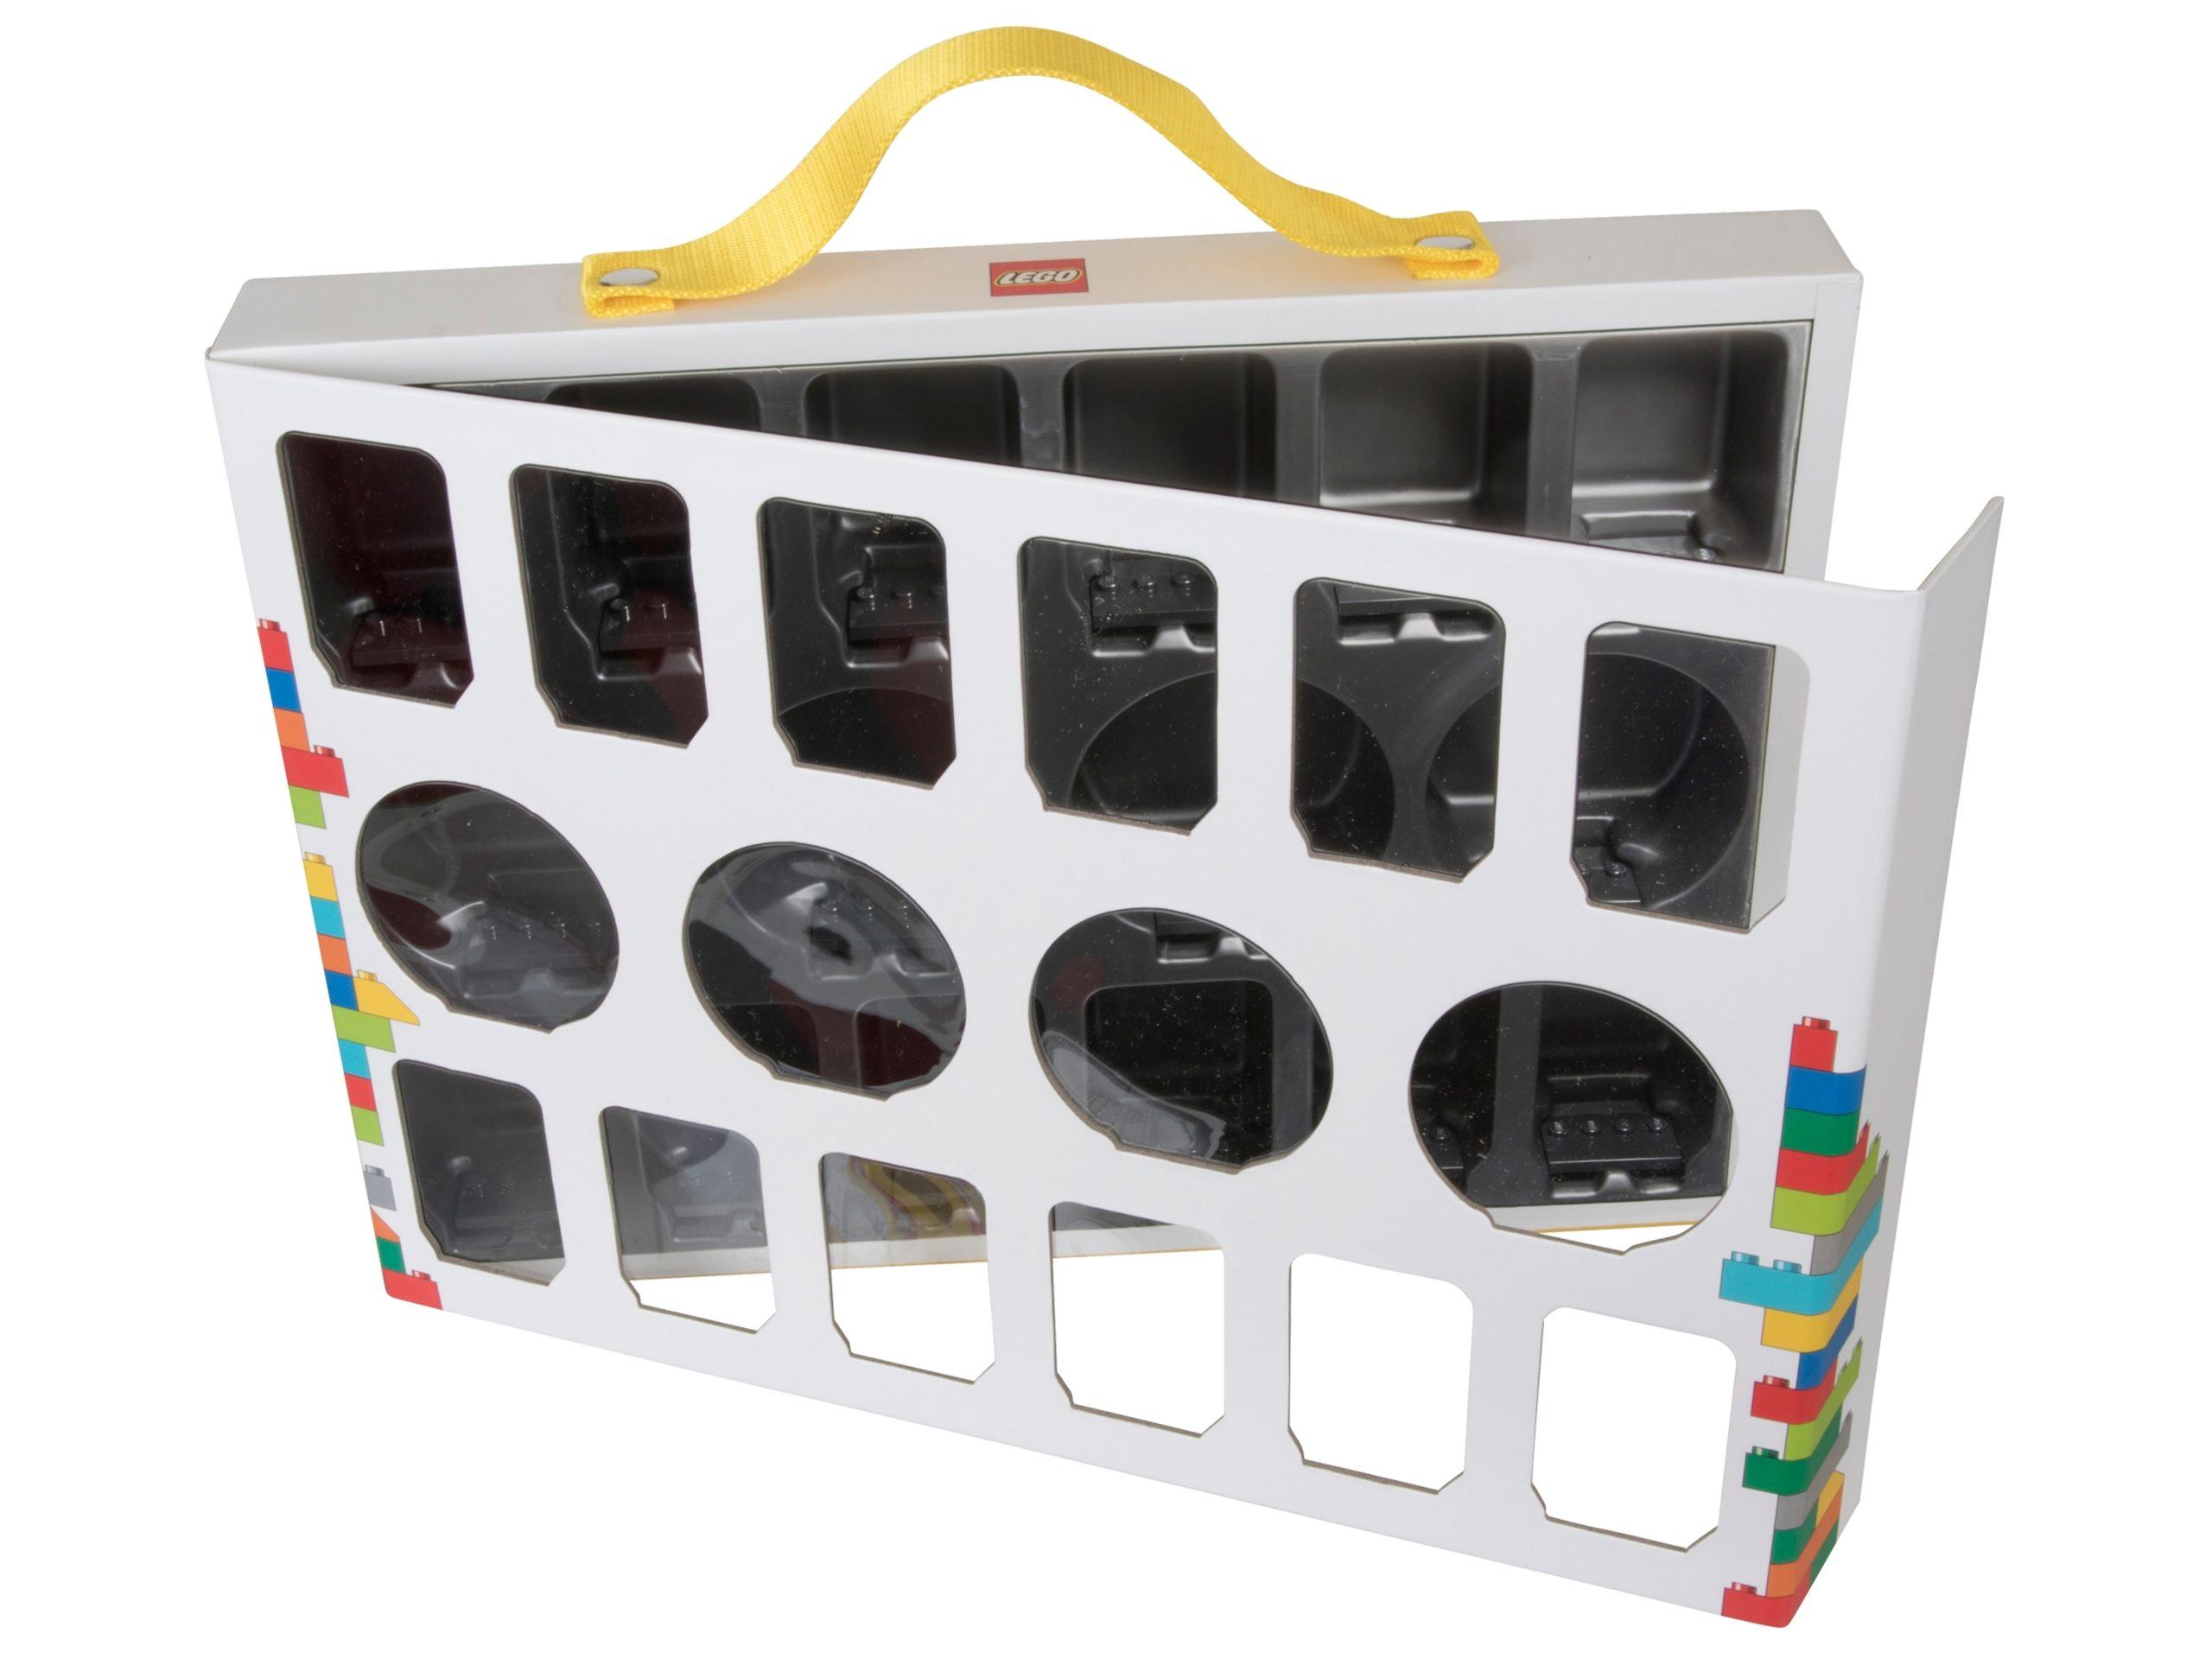 lego 851399 iconic minifigure carry case scaled